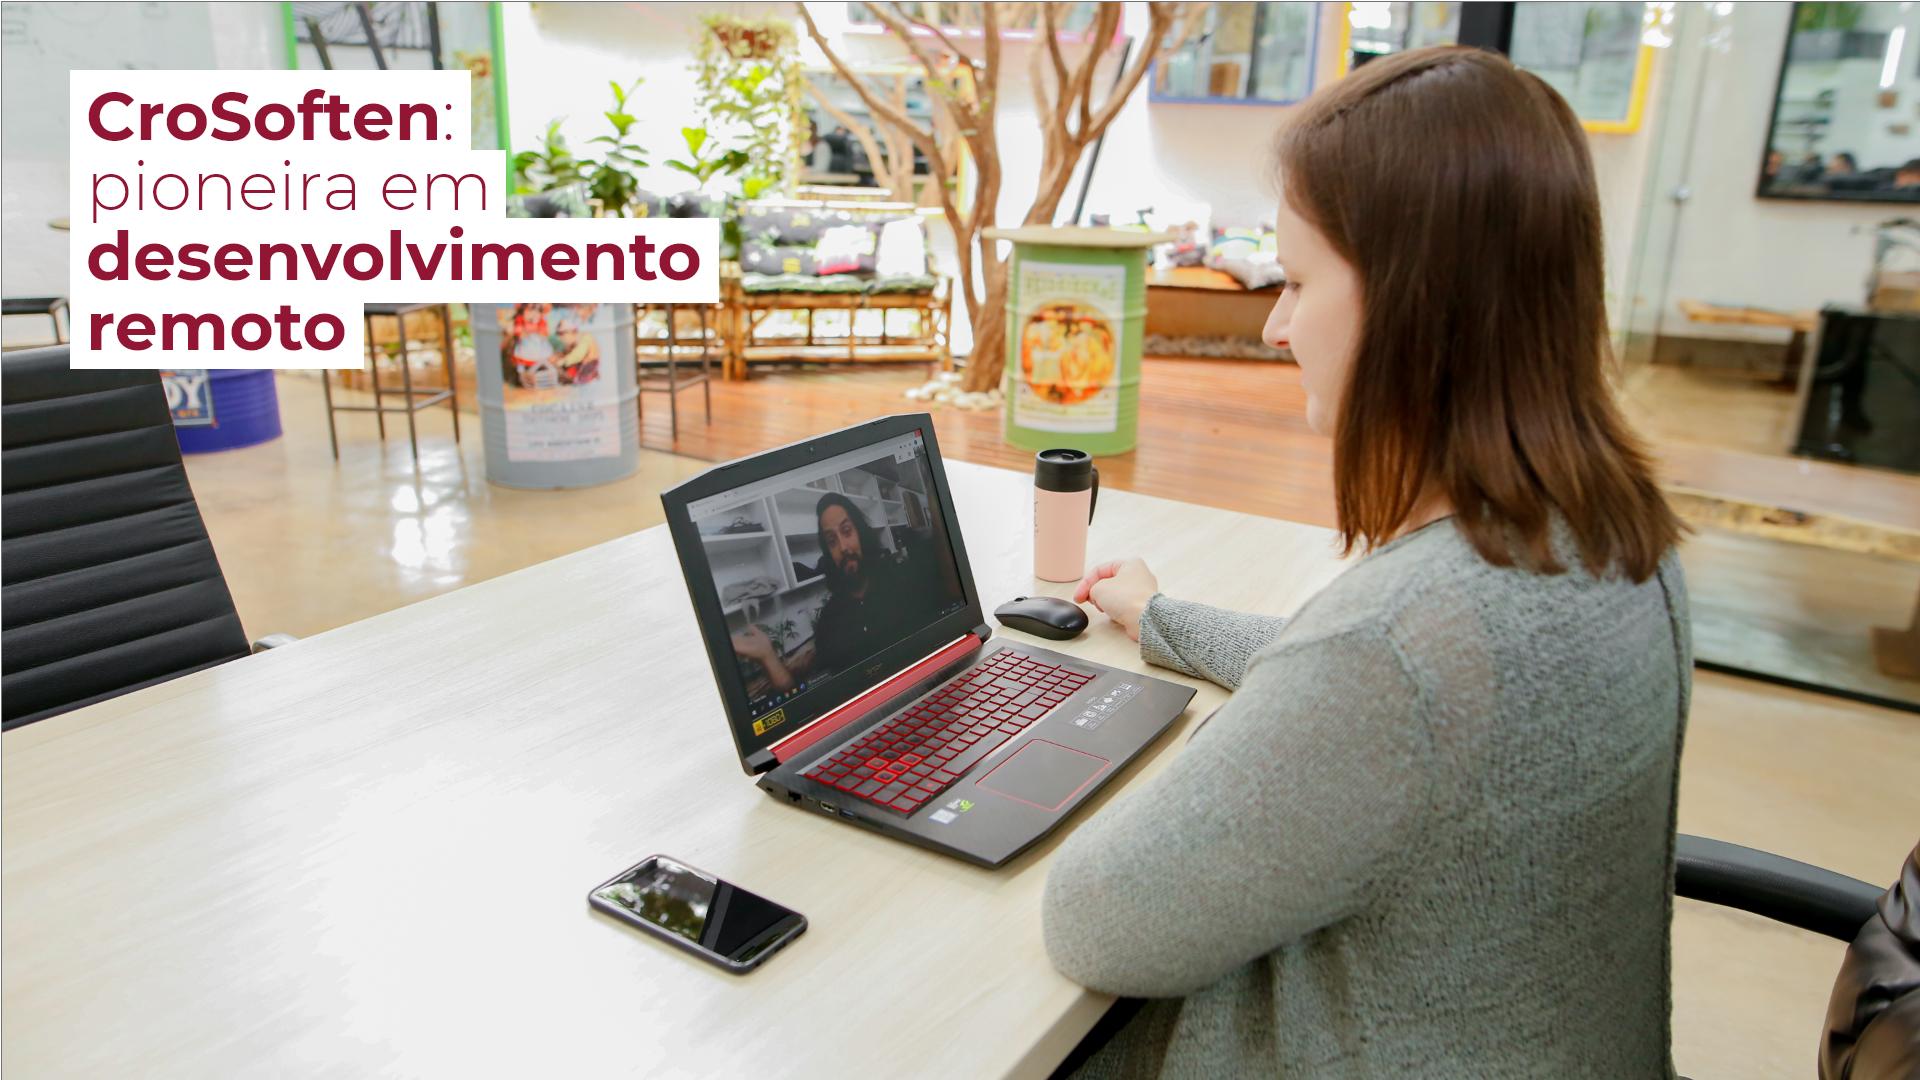 A CroSoften é pioneira em trabalho remoto e todos na equipe utilizam tecnologia para manter o contato e realizar suas tarefas onde quer que estejam.